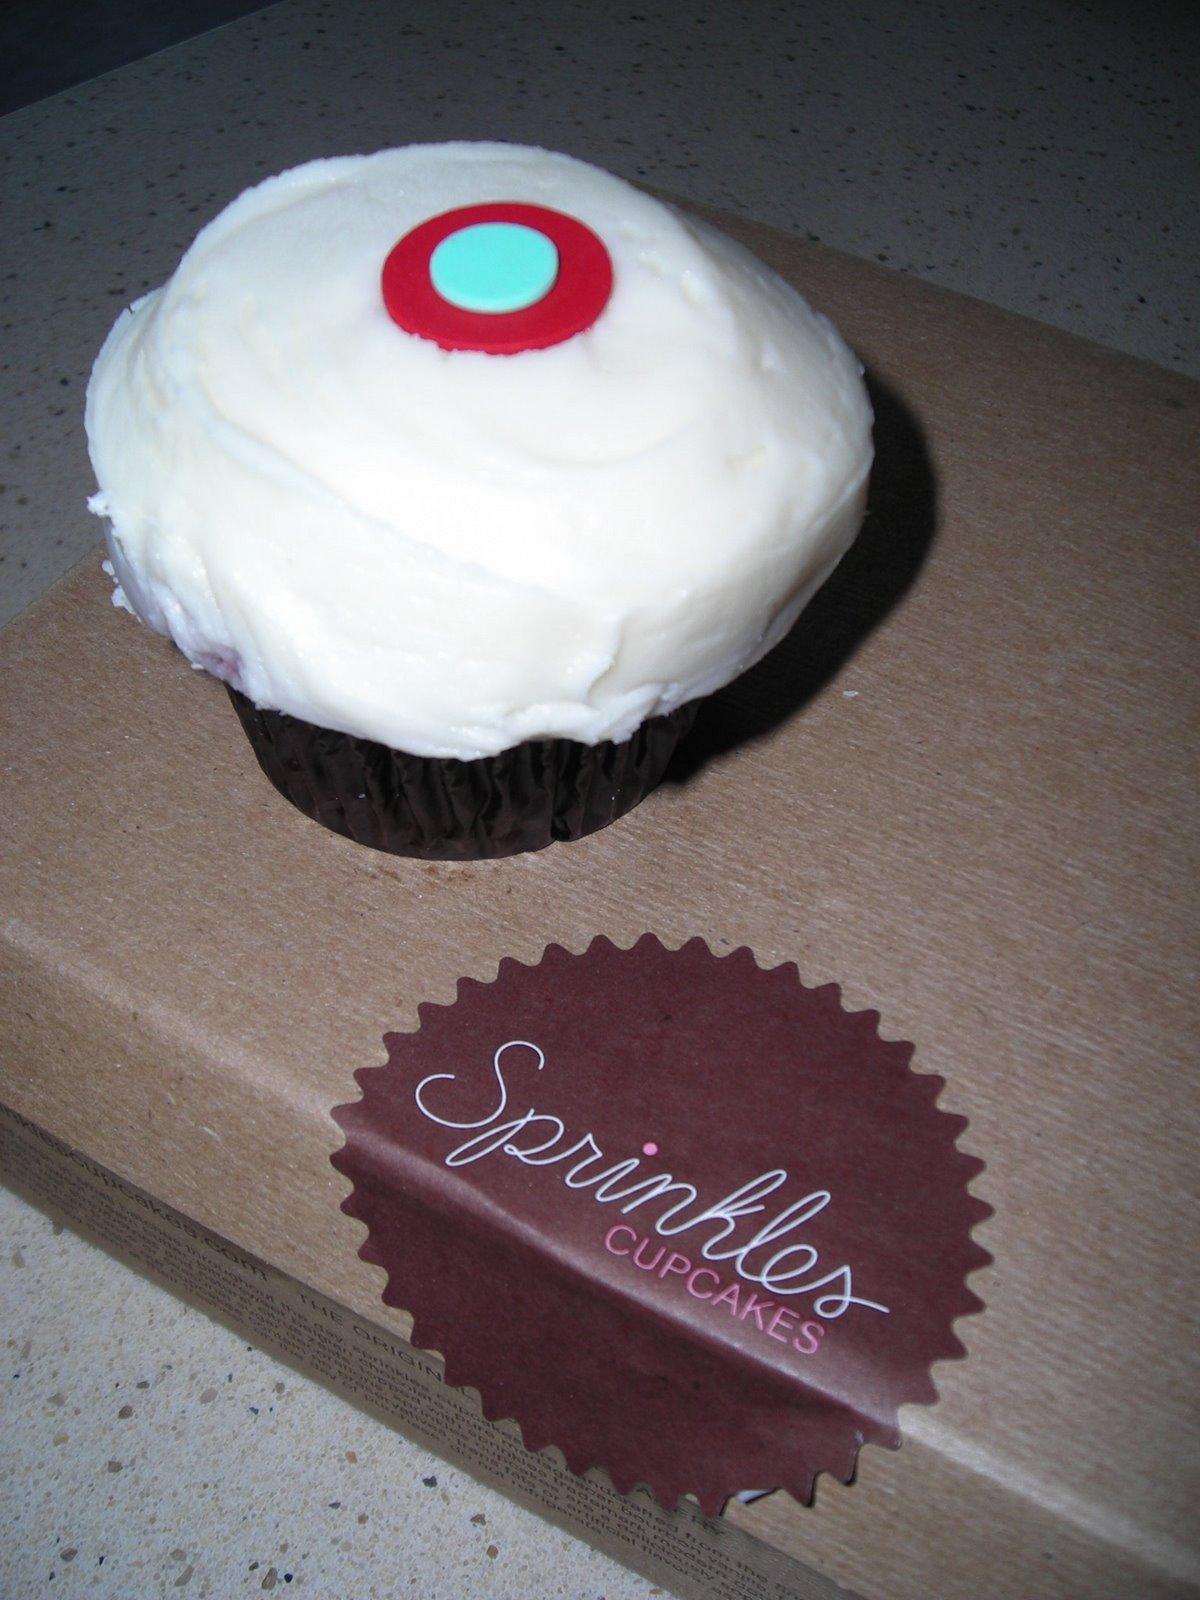 sprinkles cupcakes calories